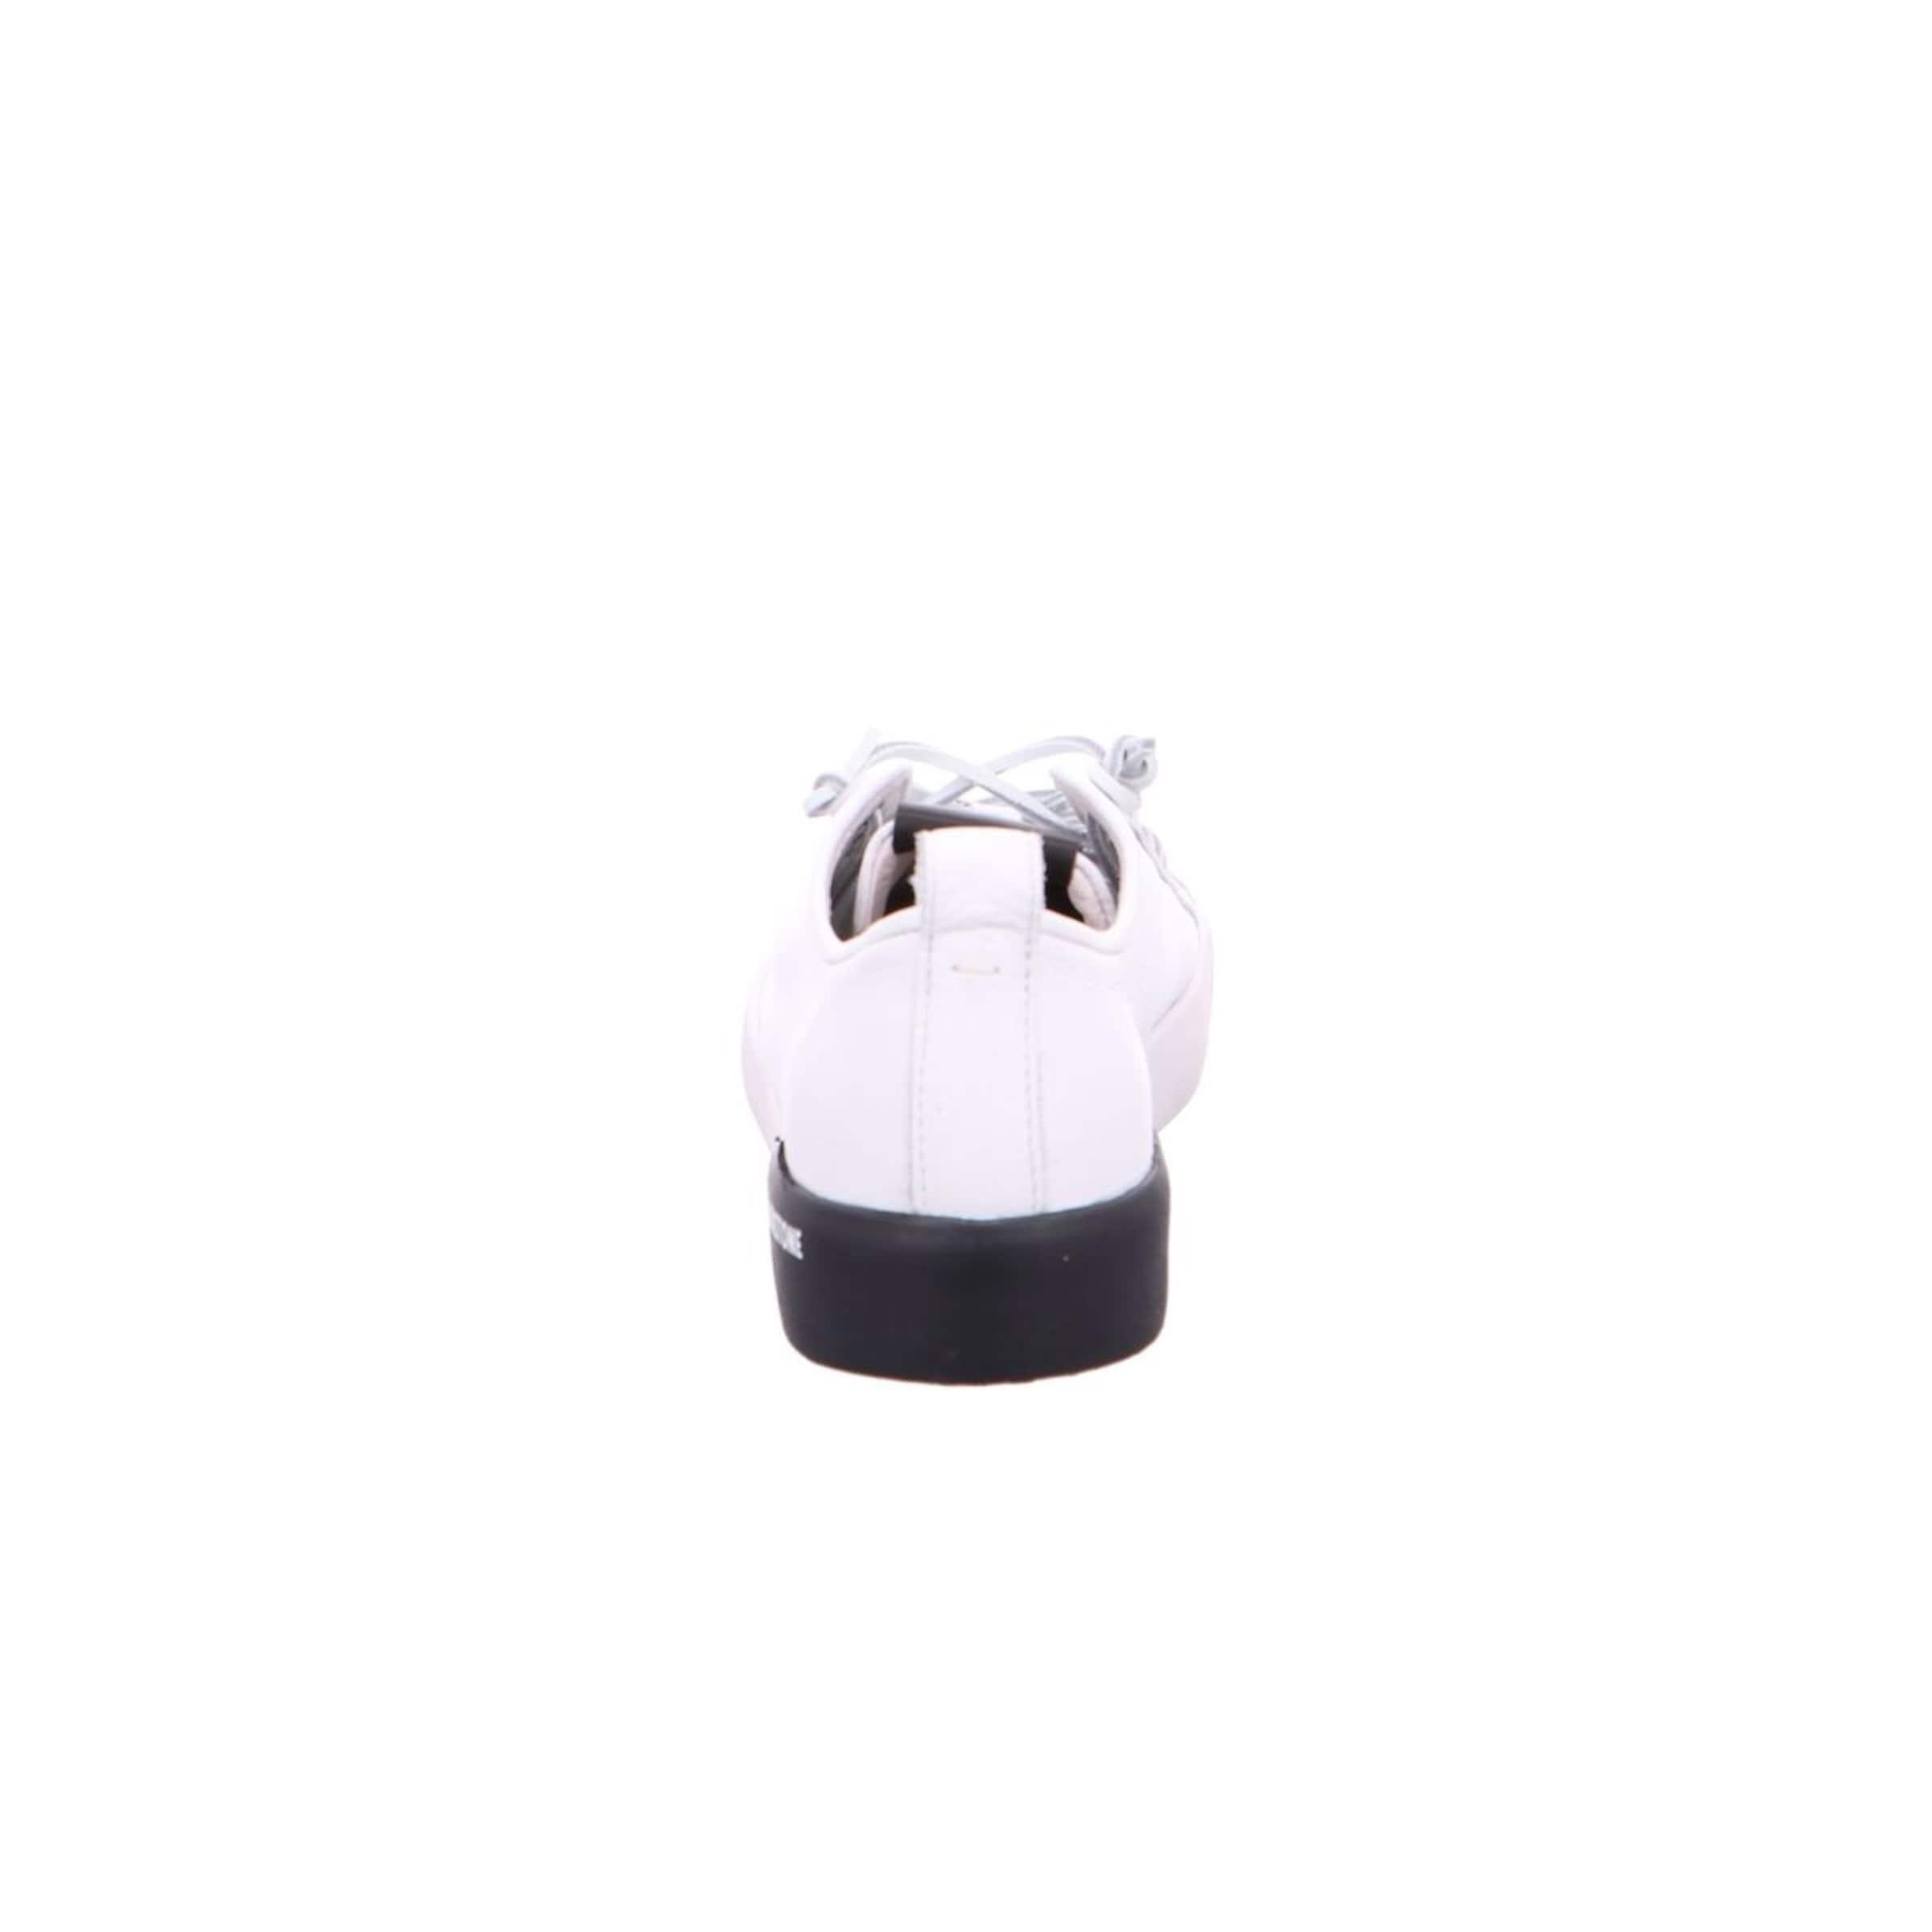 In Blackstone SchwarzWeiß Blackstone Blackstone Schnürschuhe In SchwarzWeiß Schnürschuhe EHWD2I9